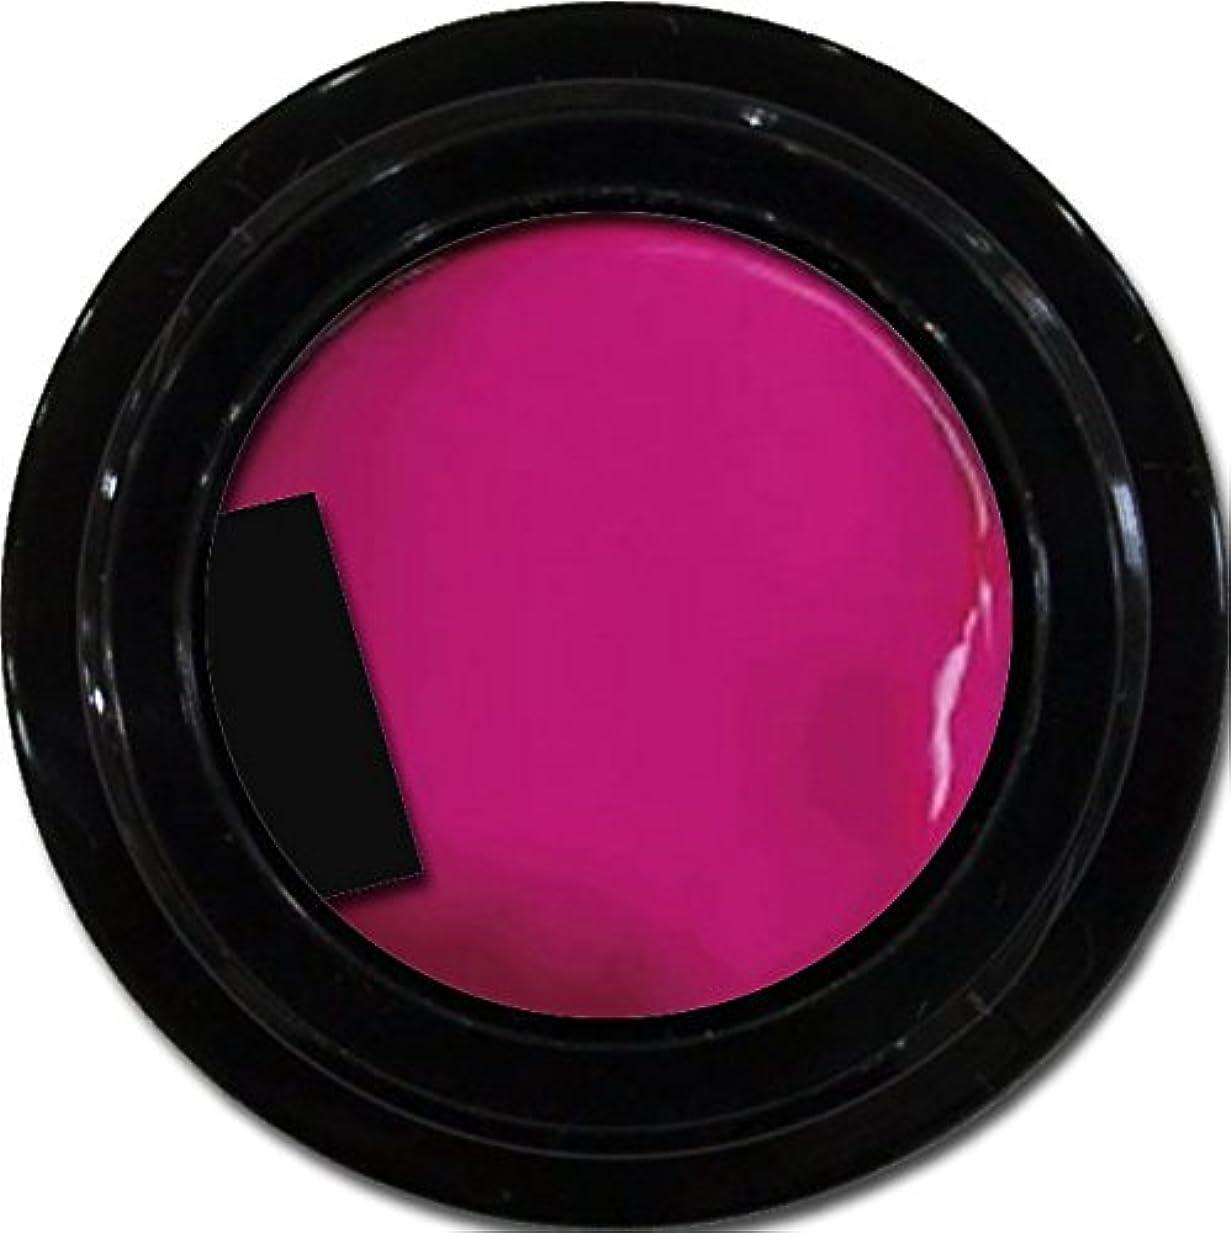 驚き不平を言う導体カラージェル enchant color gel M214 NeoPink 3g/ マットカラージェル M214 ネオピンク 3グラム